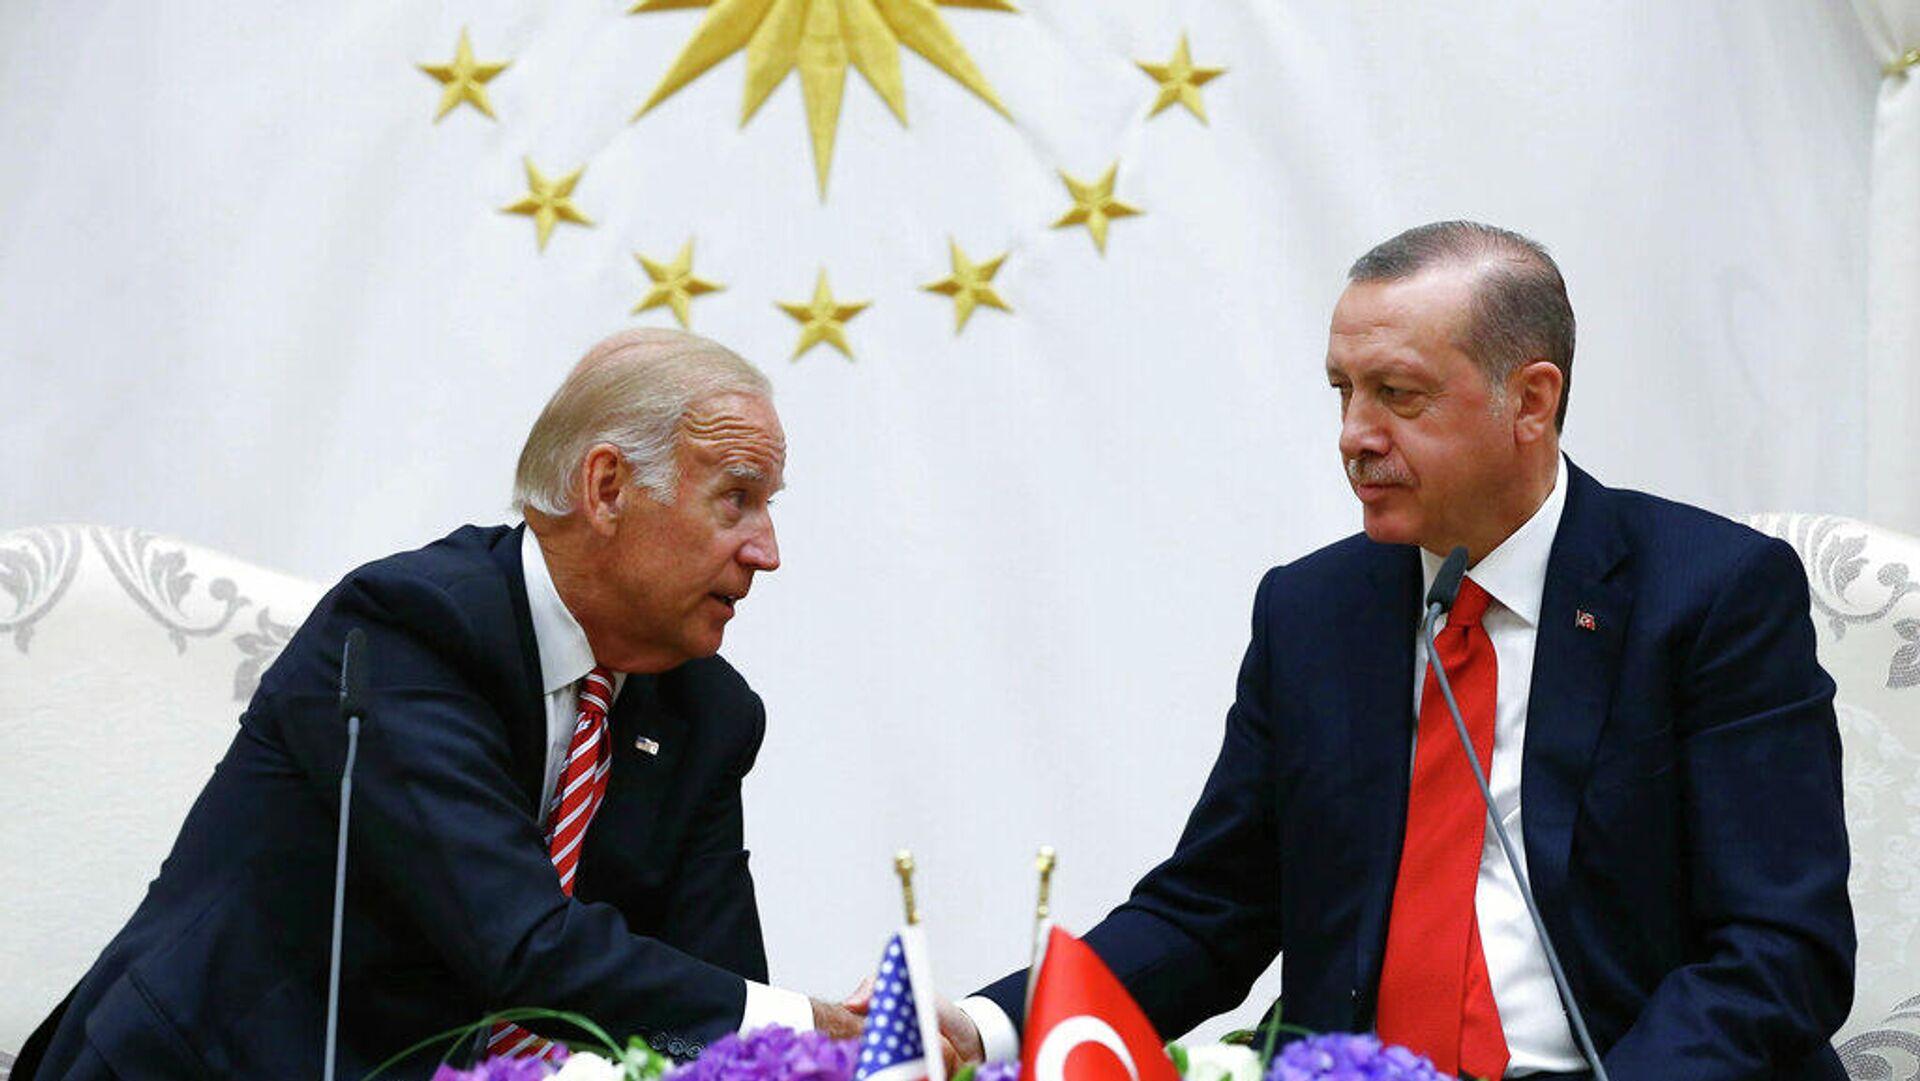 Ο Ρετζέπ Ταγίπ Ερντογάν και ο Τζο Μπάιντεν - Sputnik Ελλάδα, 1920, 28.09.2021